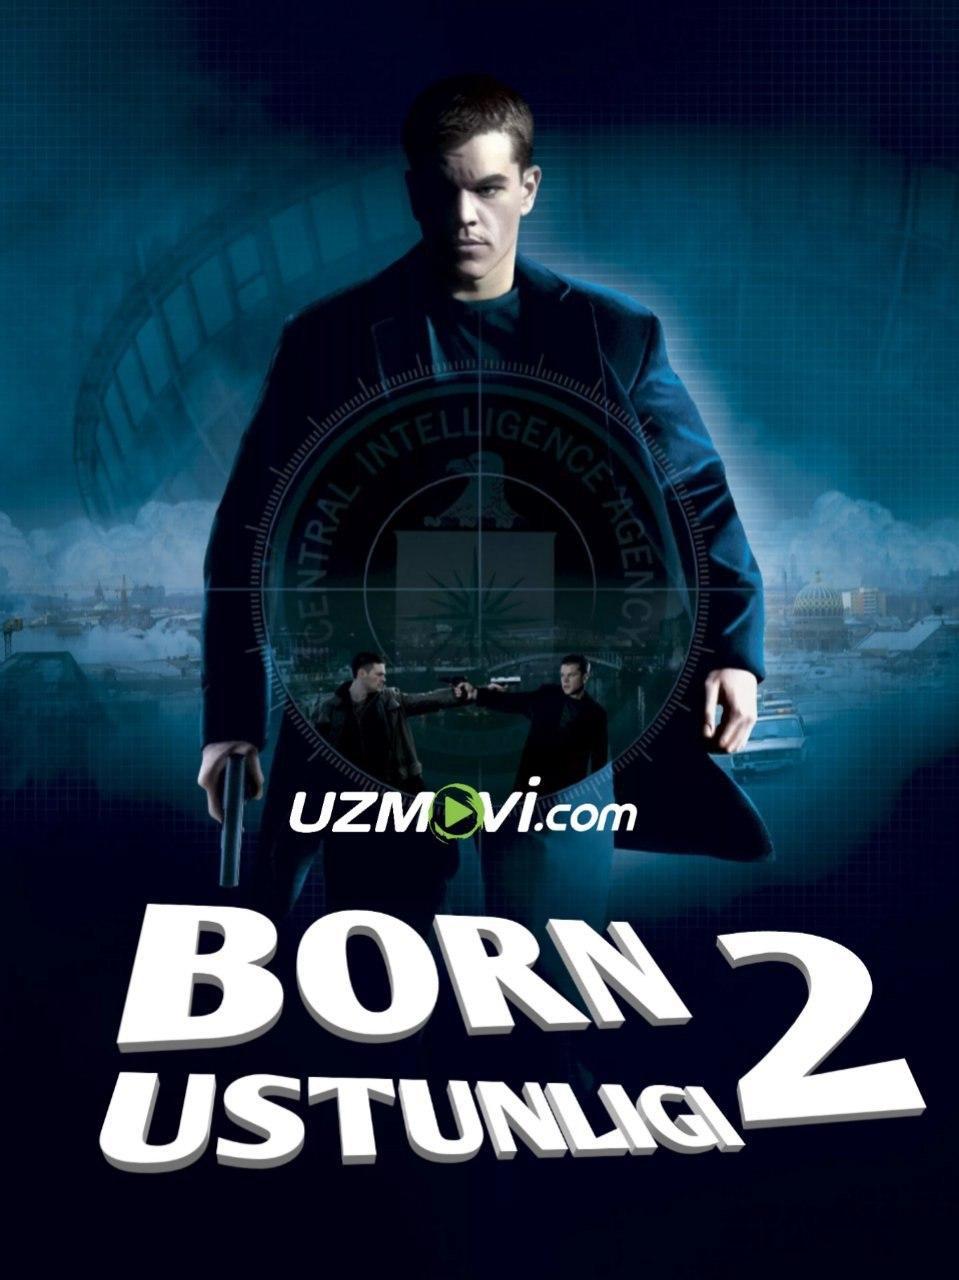 Born Ustunligi 2